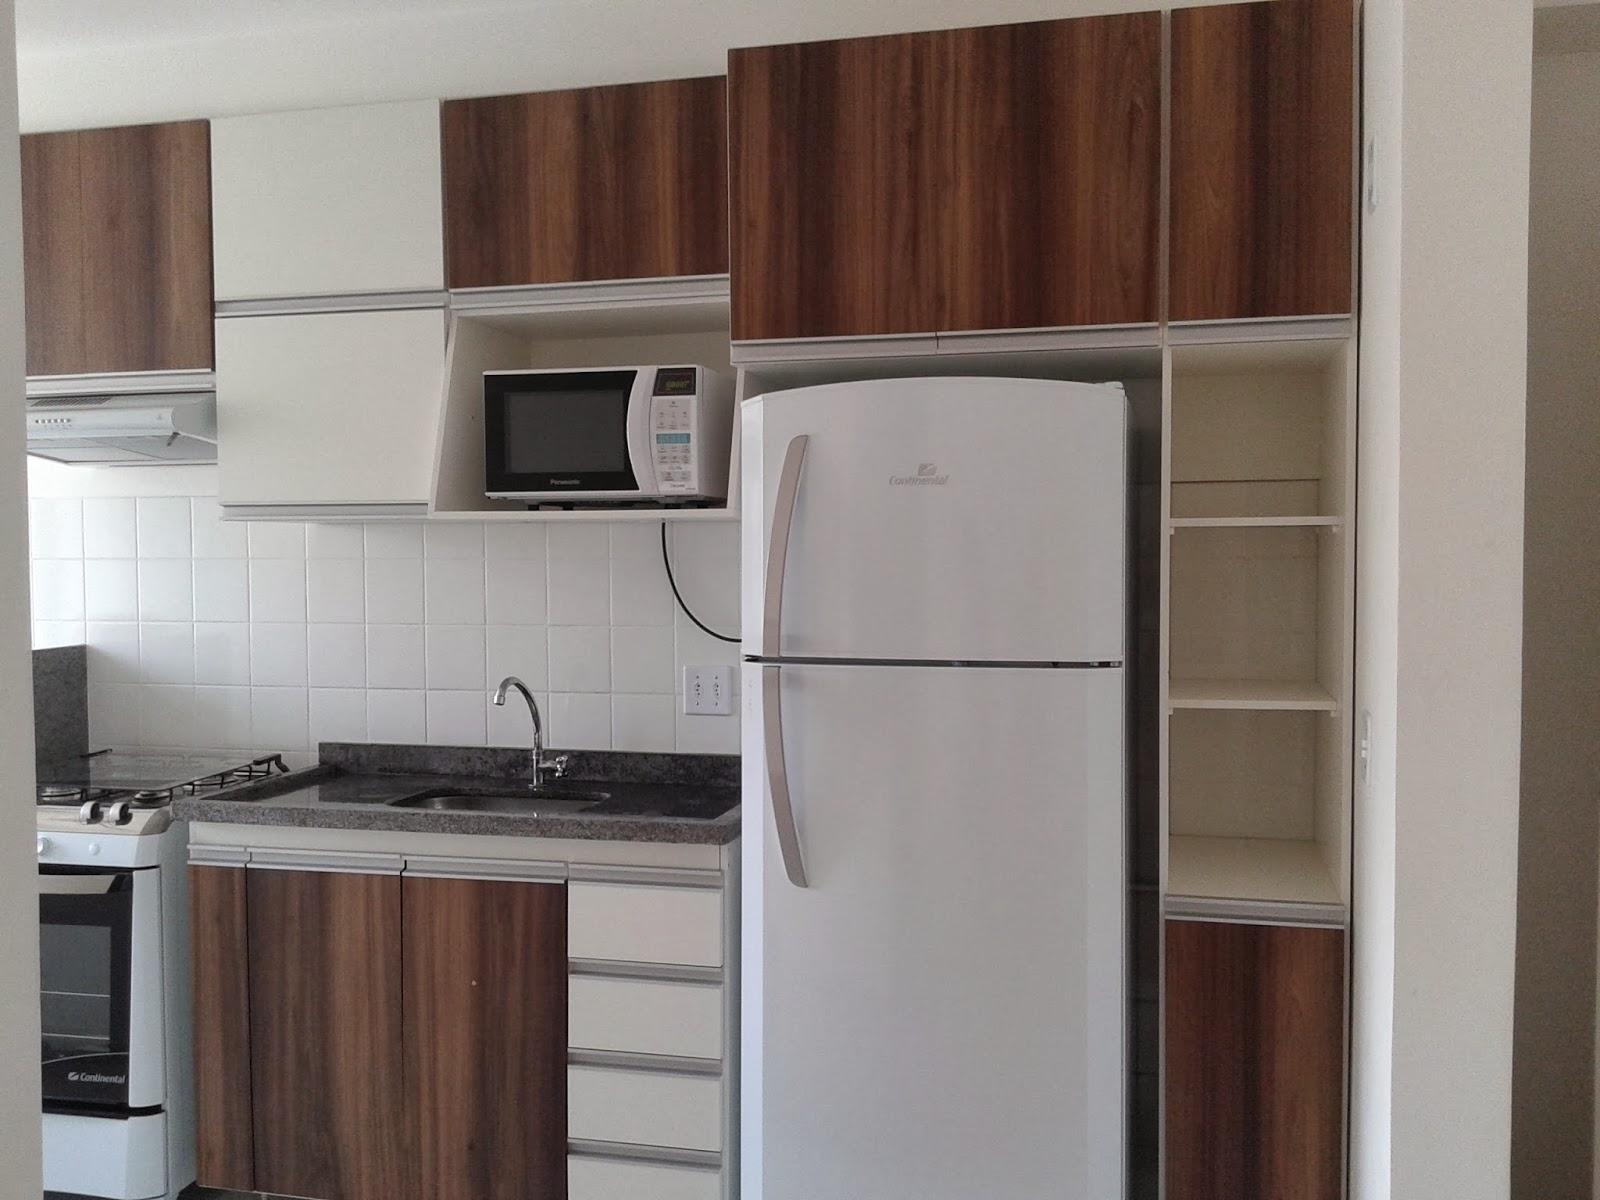 wdplanejados: Mais um Projeto de Cozinha para Apartamento Completo  #5E4438 1600 1200